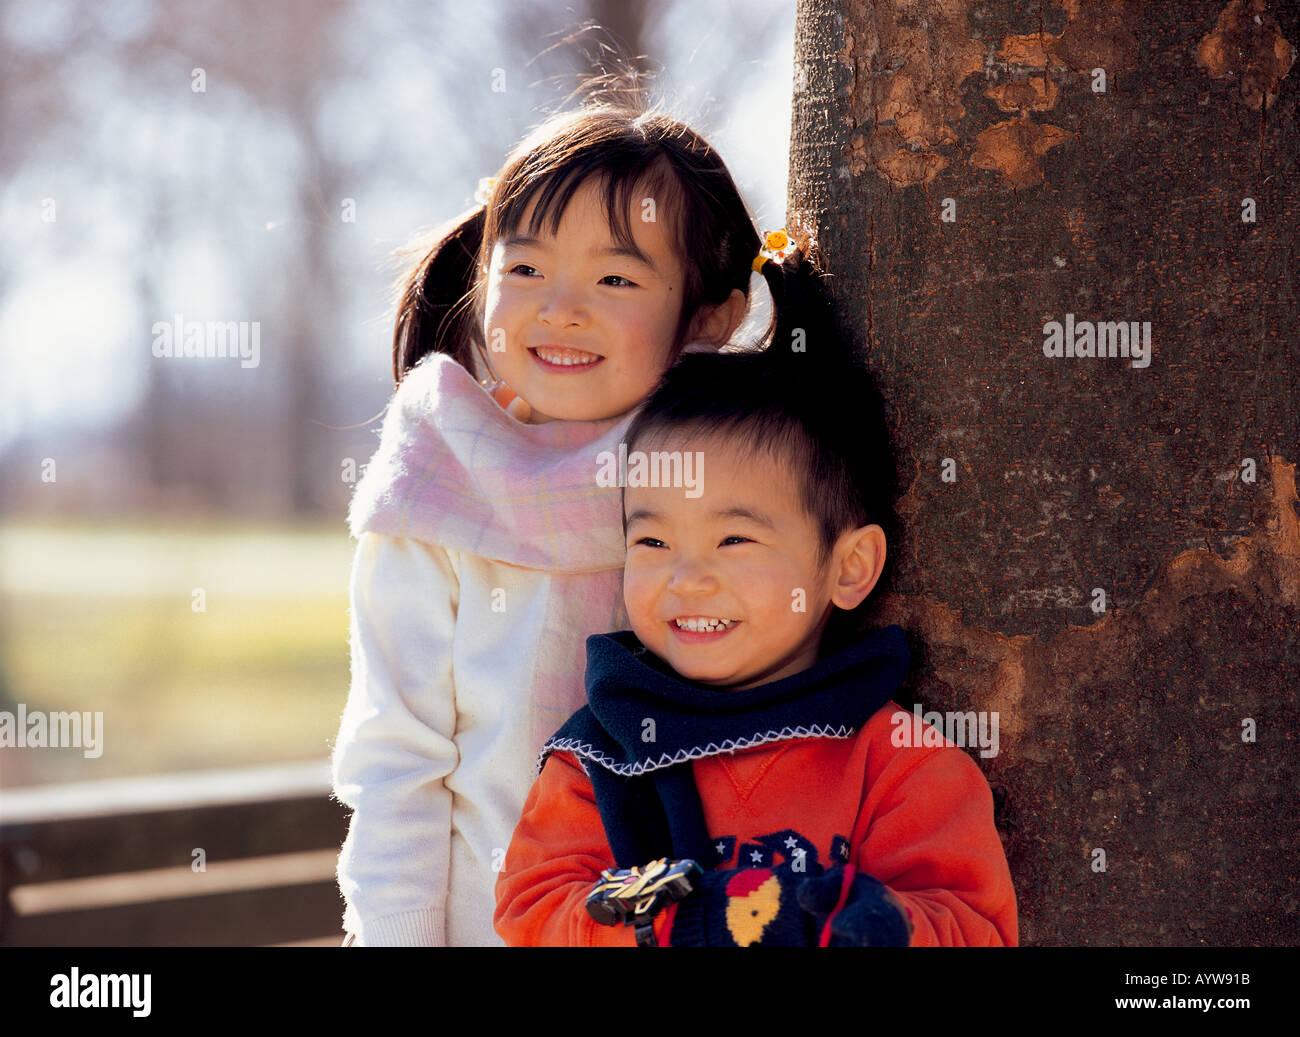 Niña con su hermano de pie junto a un árbol Foto de stock